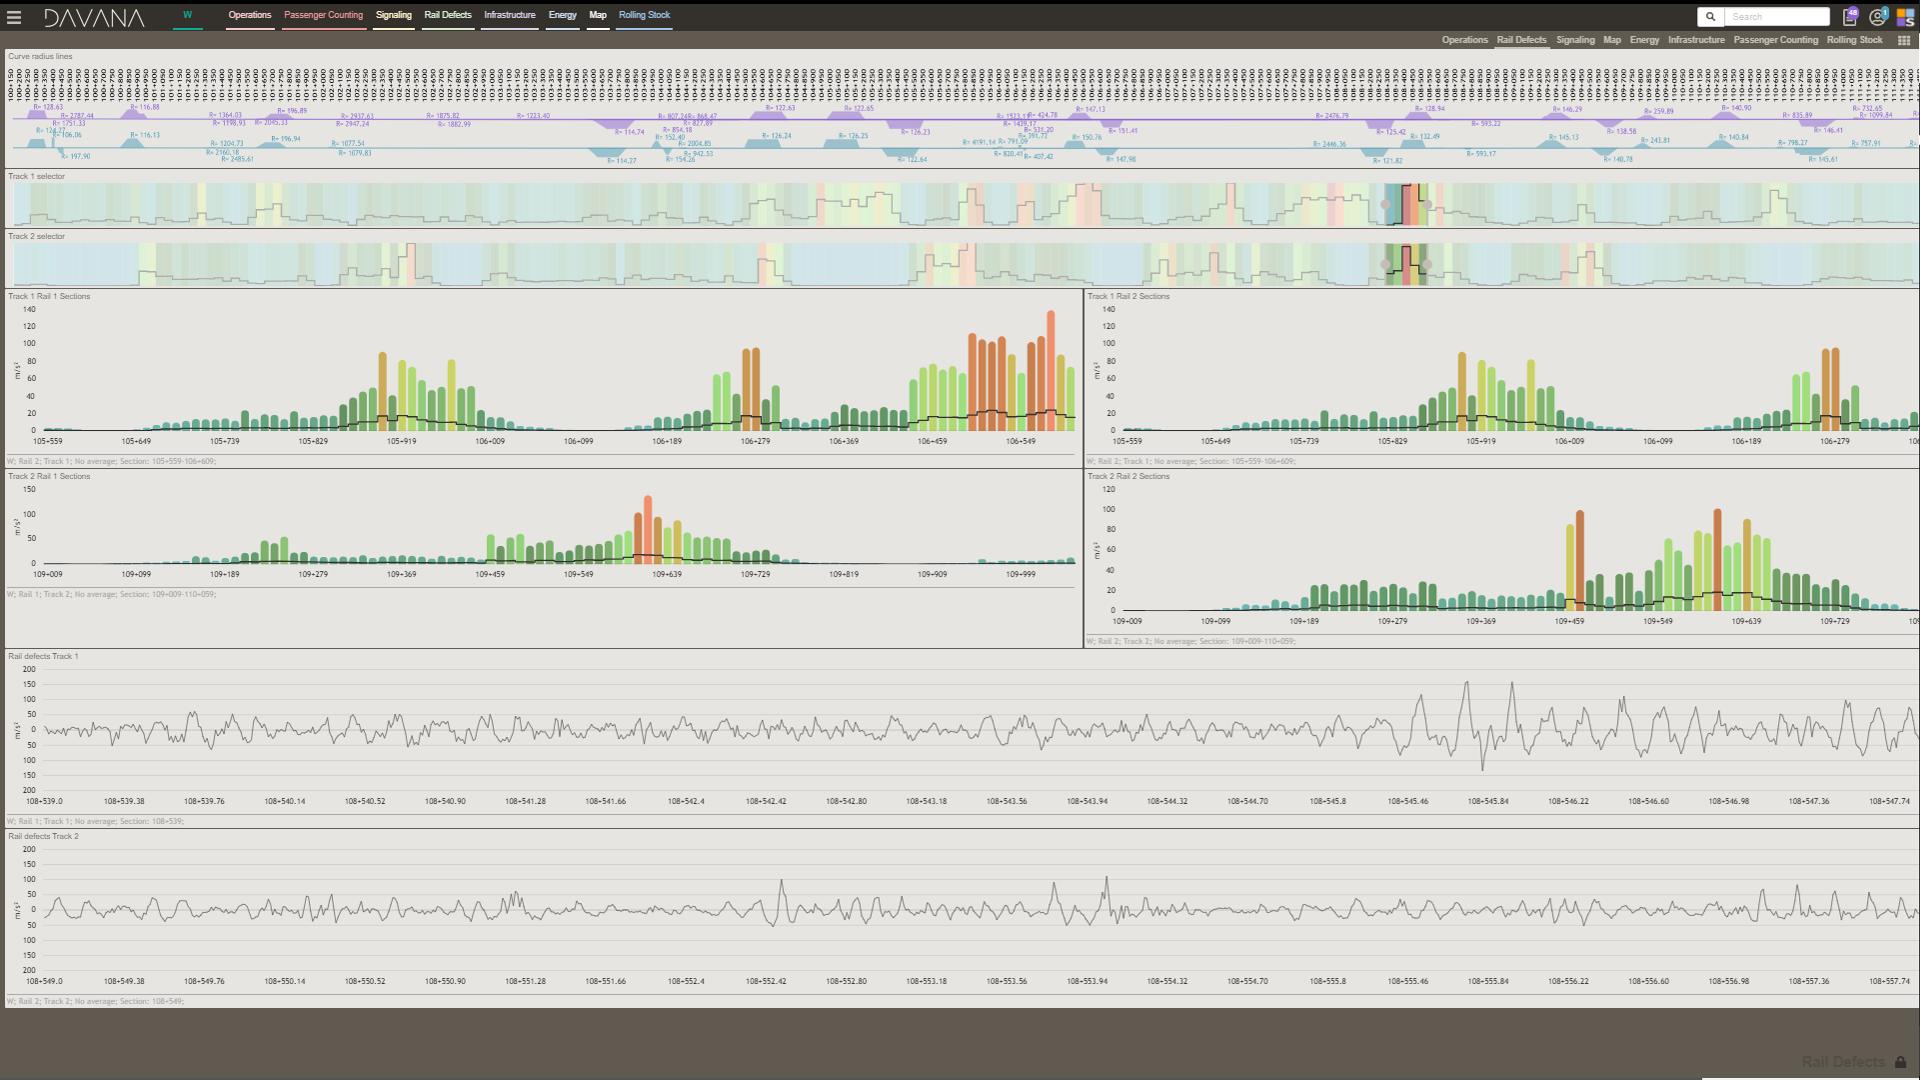 Rail defects dashboard_DAVANA